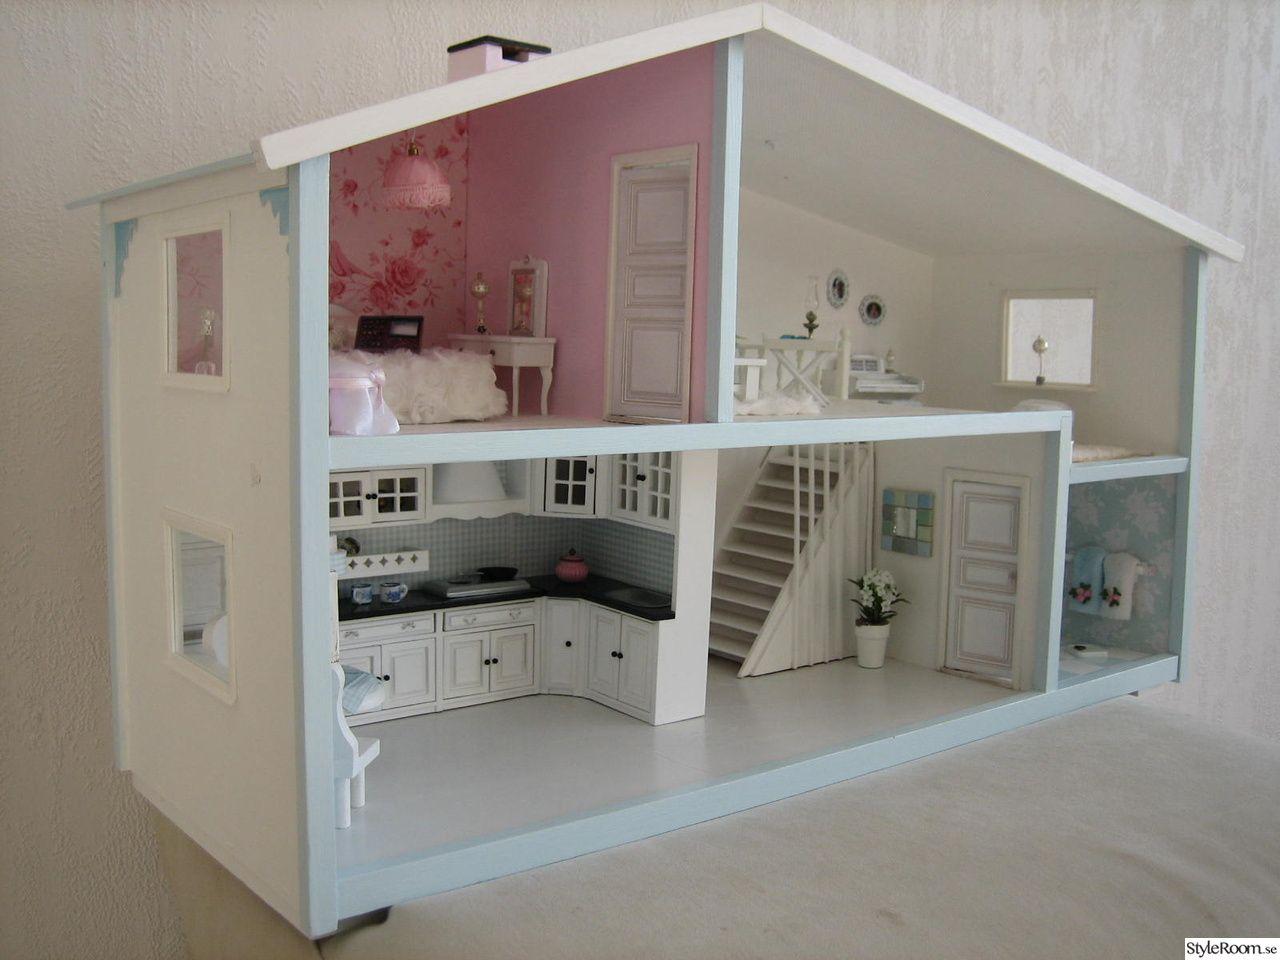 raum f r raum was ich sch nes gefunden habe blumentopf pinterest raum sch ner und. Black Bedroom Furniture Sets. Home Design Ideas